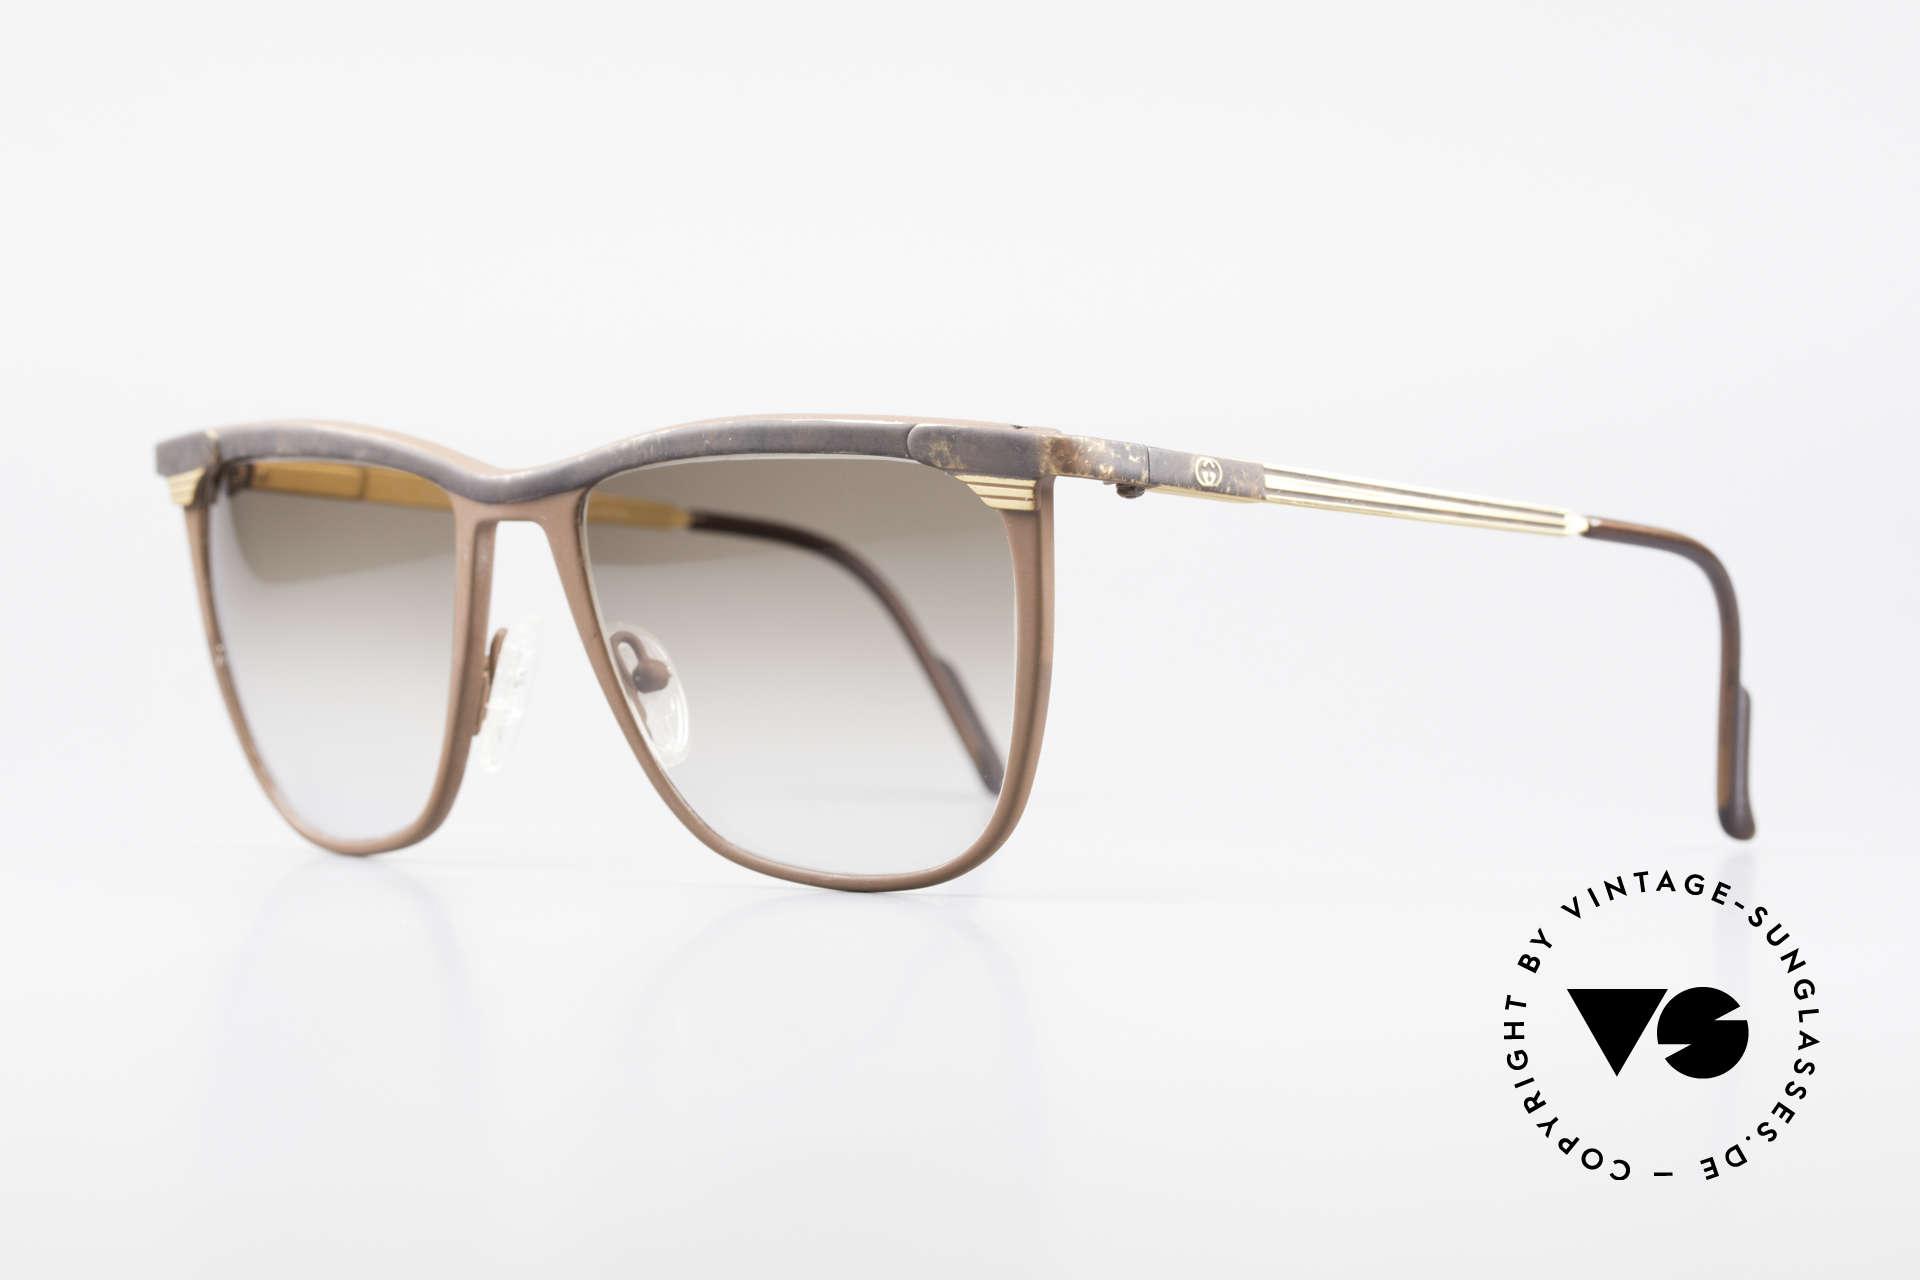 Gucci 2227 Luxus Designer Sonnenbrille, matte Voll-Lackierung & wertvolle Federscharniere, Passend für Herren und Damen